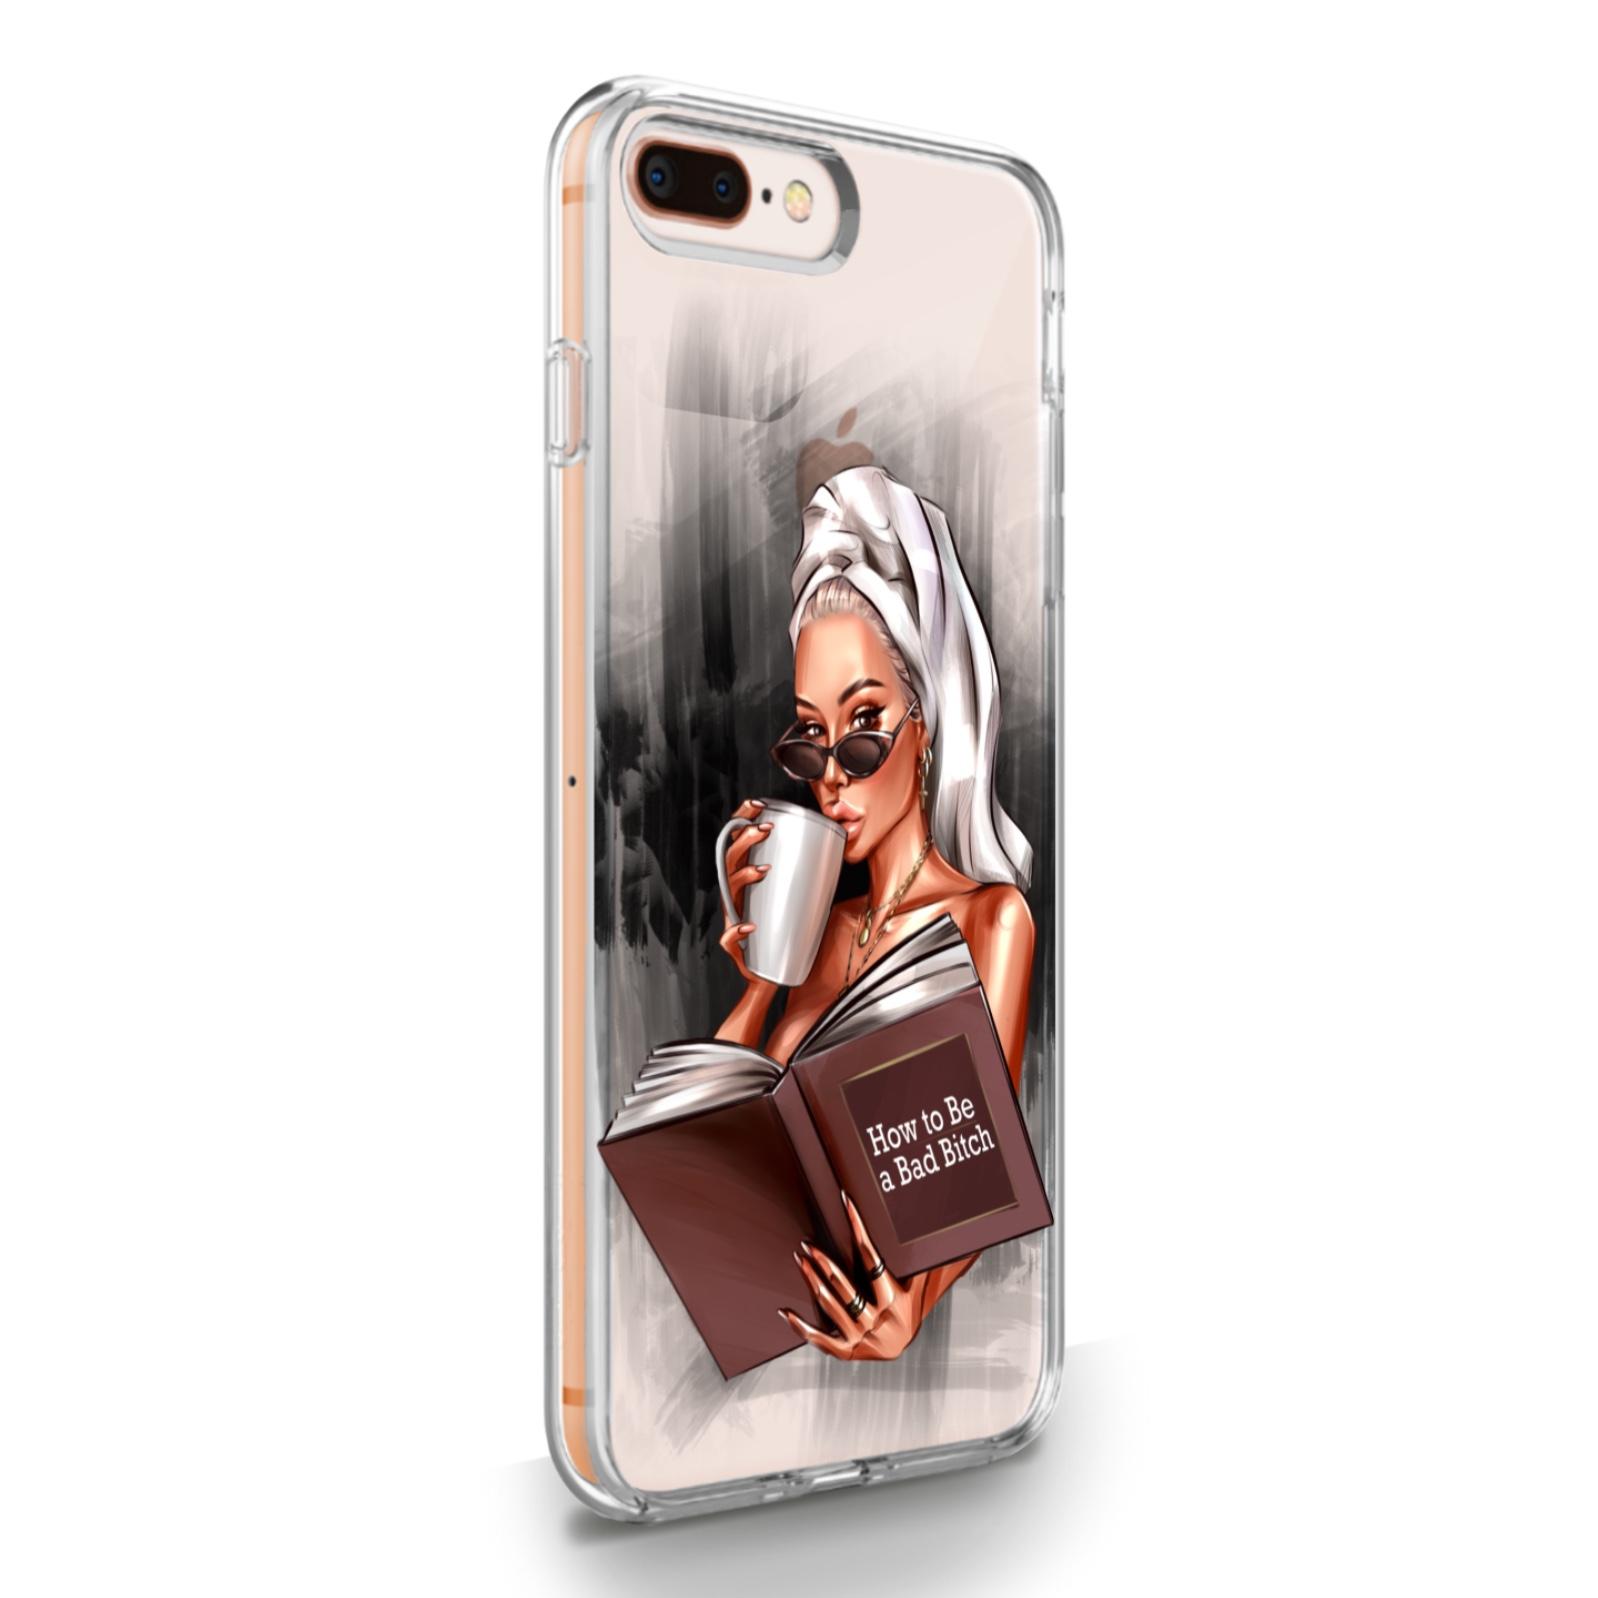 Прозрачный силиконовый чехол для iPhone 7/8 Plus How to be a bad Bitch для Айфон 7/8 Плюс